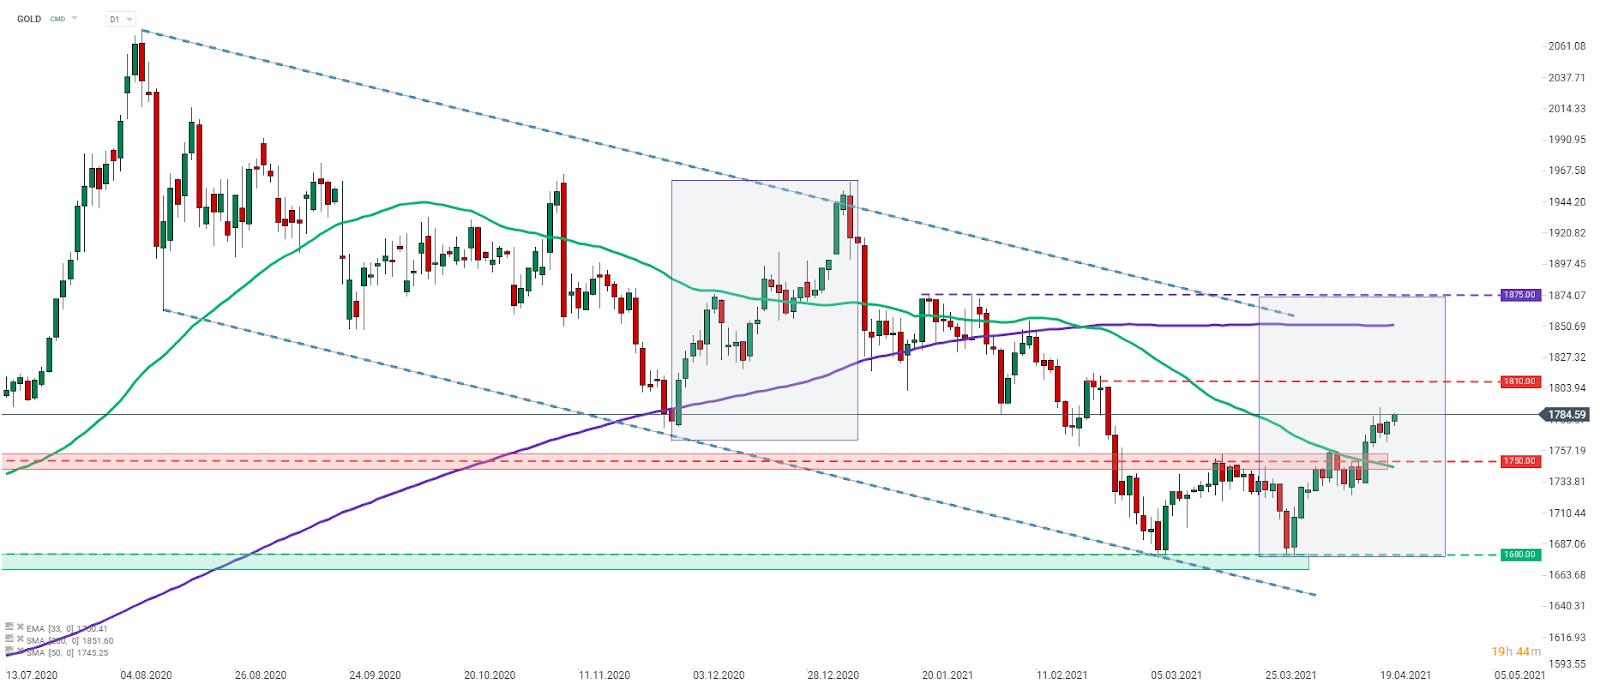 Gold setzt seine Aufwärtsbewegung in dieser Woche nach einem Ausbruch über die obere Grenze der Handelsspanne und den SMA50 im H1-Chart (grüne Linie) fort. Das lokale Hoch von Ende Februar bei 1.810 Dollar markiert den kurzfristigen Widerstand. Quelle: xStation 5